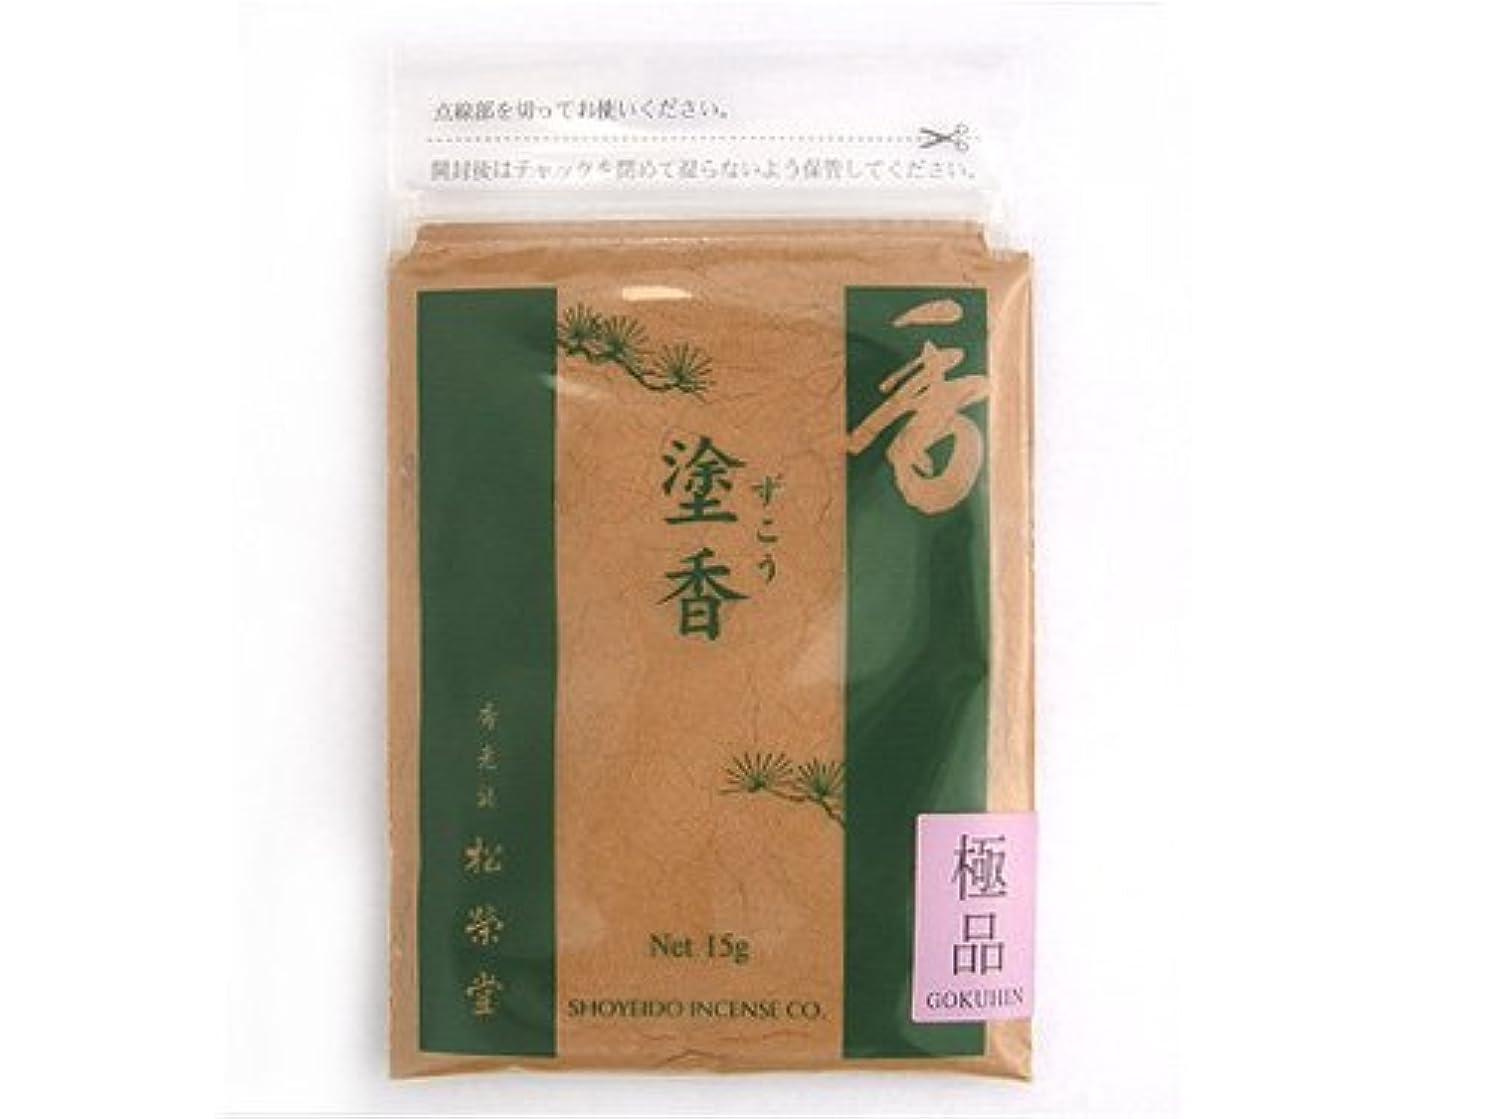 人類官僚おばあさん松栄堂のお香 極品塗香 15g